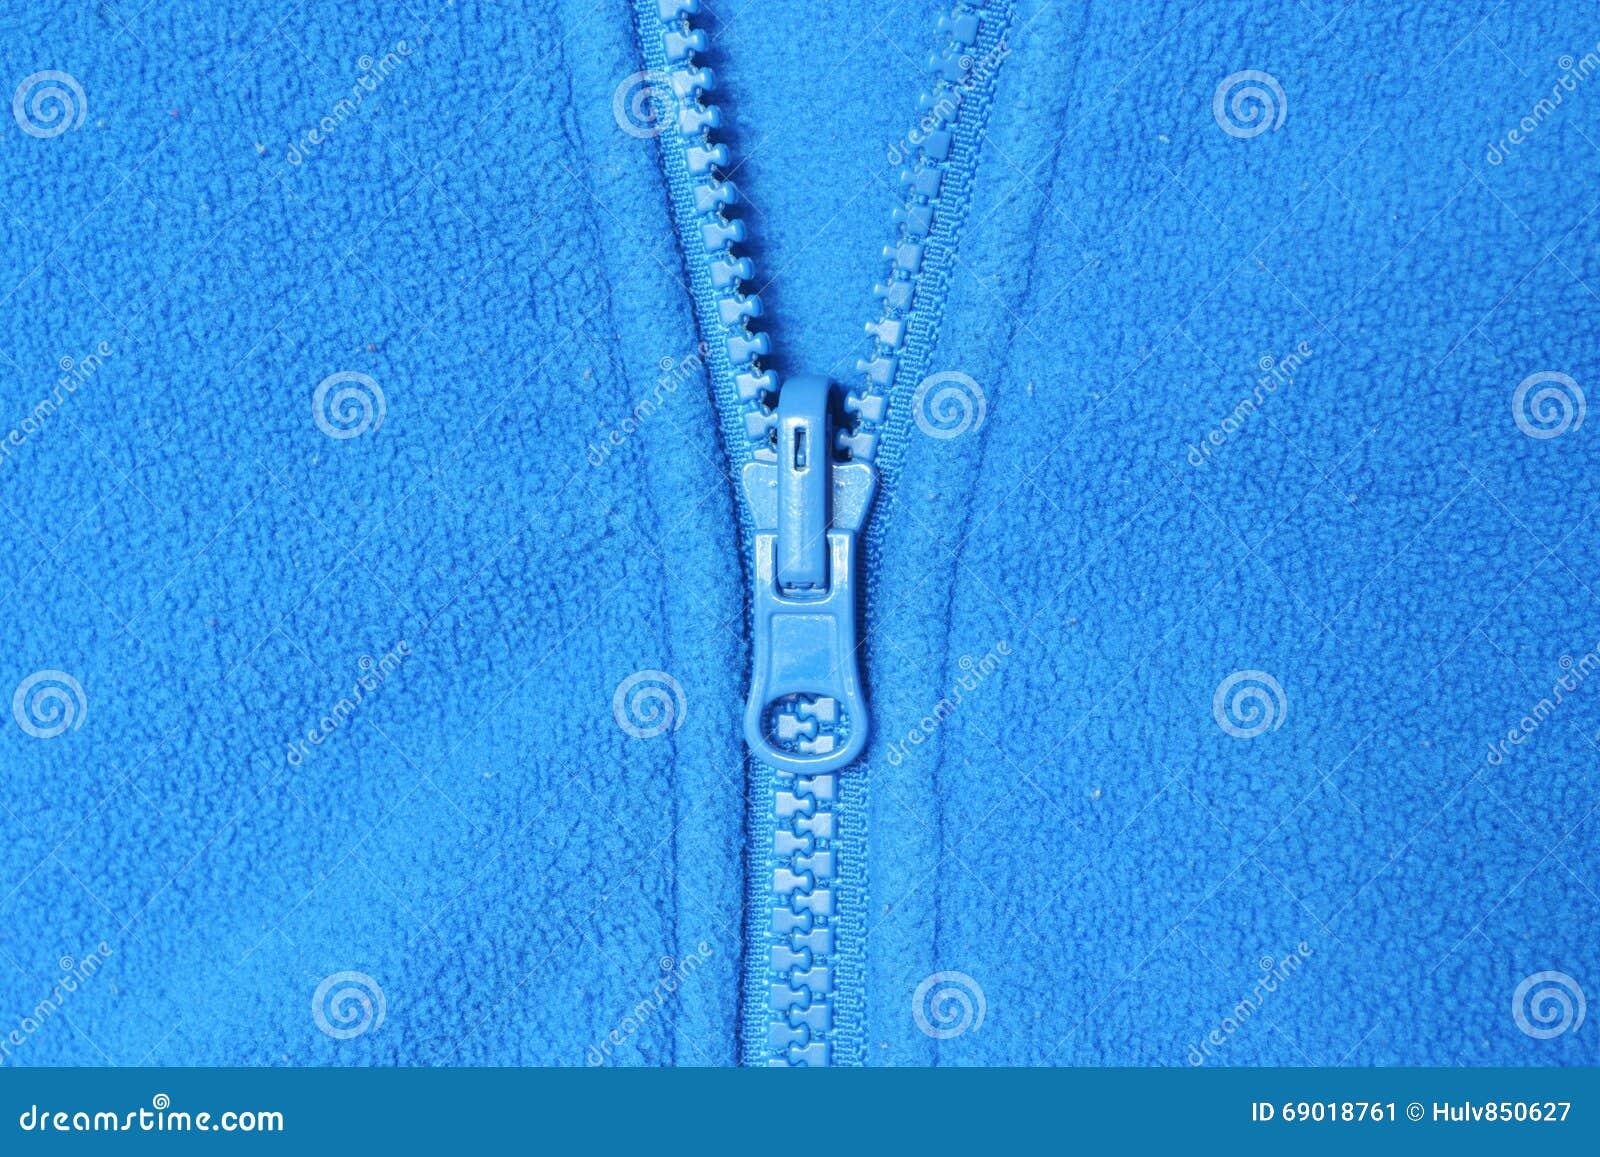 Vlies und blauer Reißverschluss